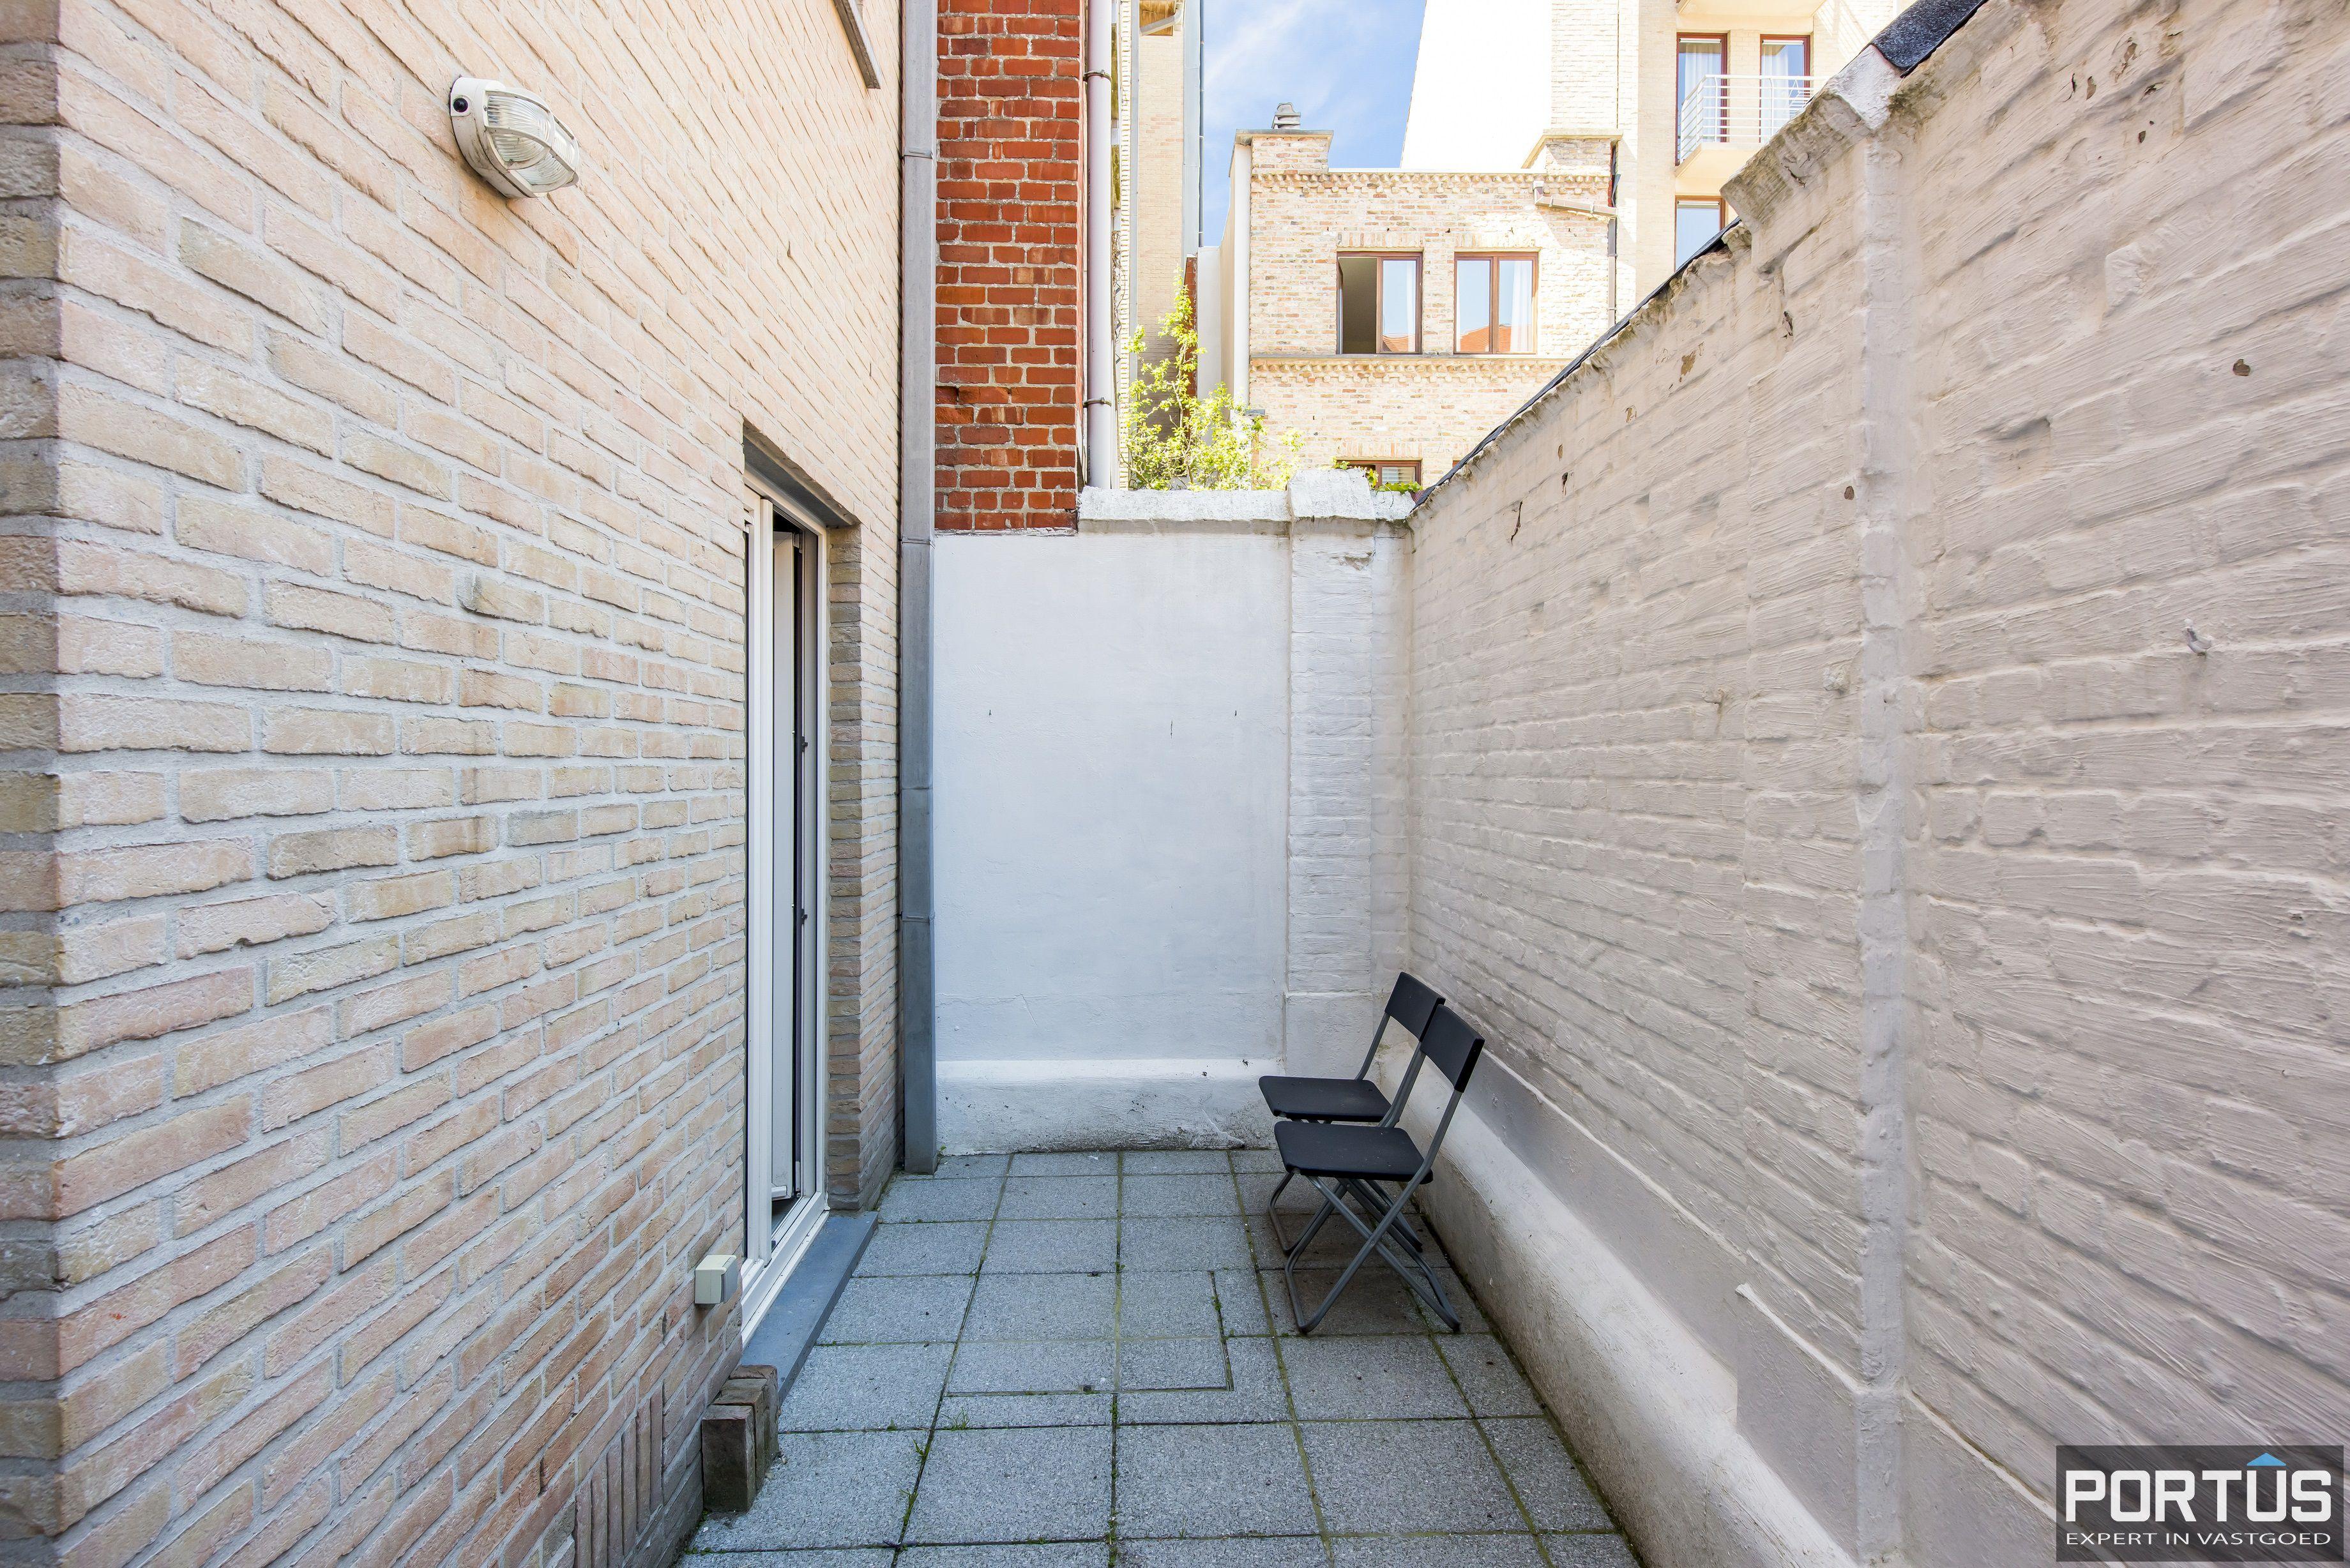 Instapklaar gelijkvloers appartement met 2 slaapkamers te koop te Nieuwpoort  - 11211